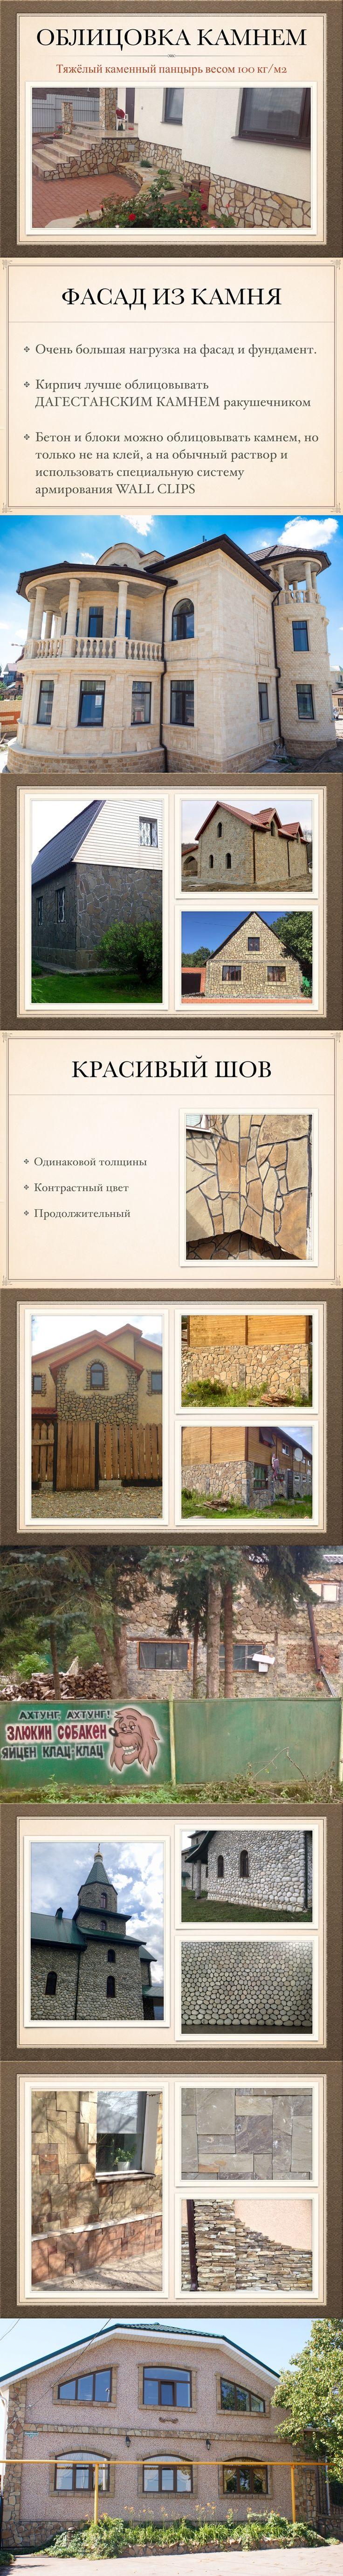 Камень для облицовки: песчаник плитняк, булыжники, плоские речные камни.